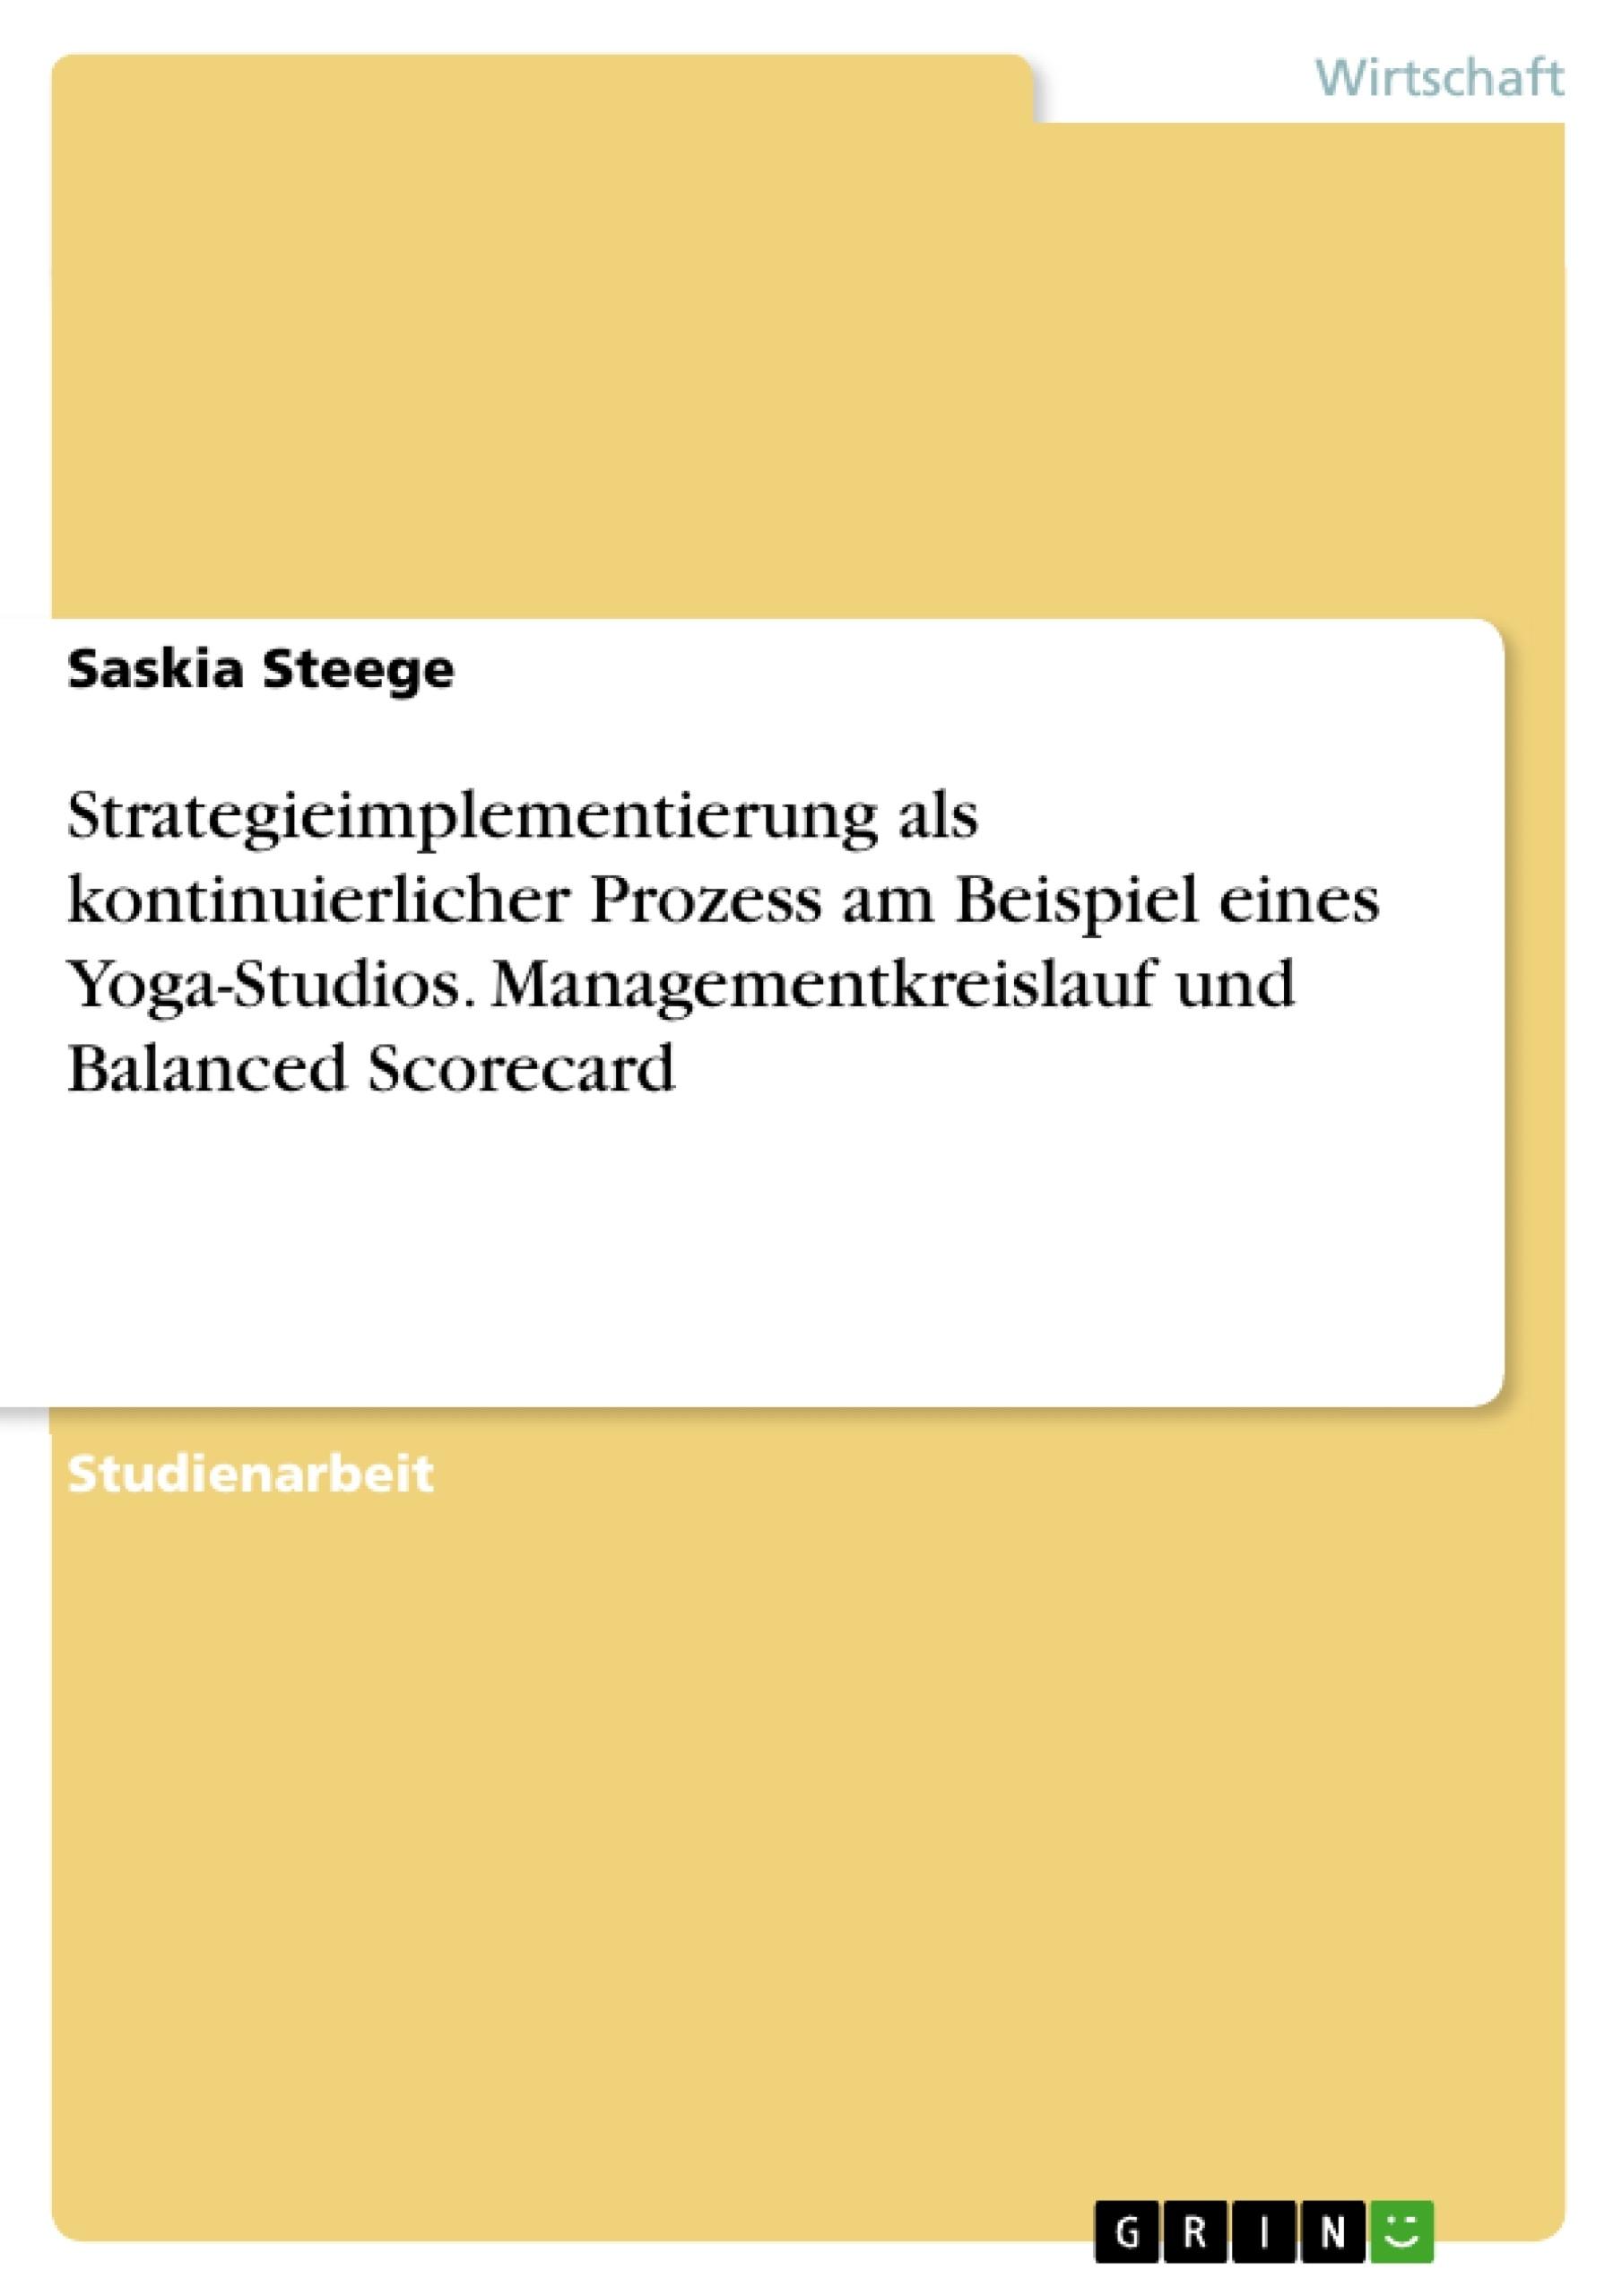 Titel: Strategieimplementierung als kontinuierlicher Prozess am Beispiel eines Yoga-Studios. Managementkreislauf und Balanced Scorecard